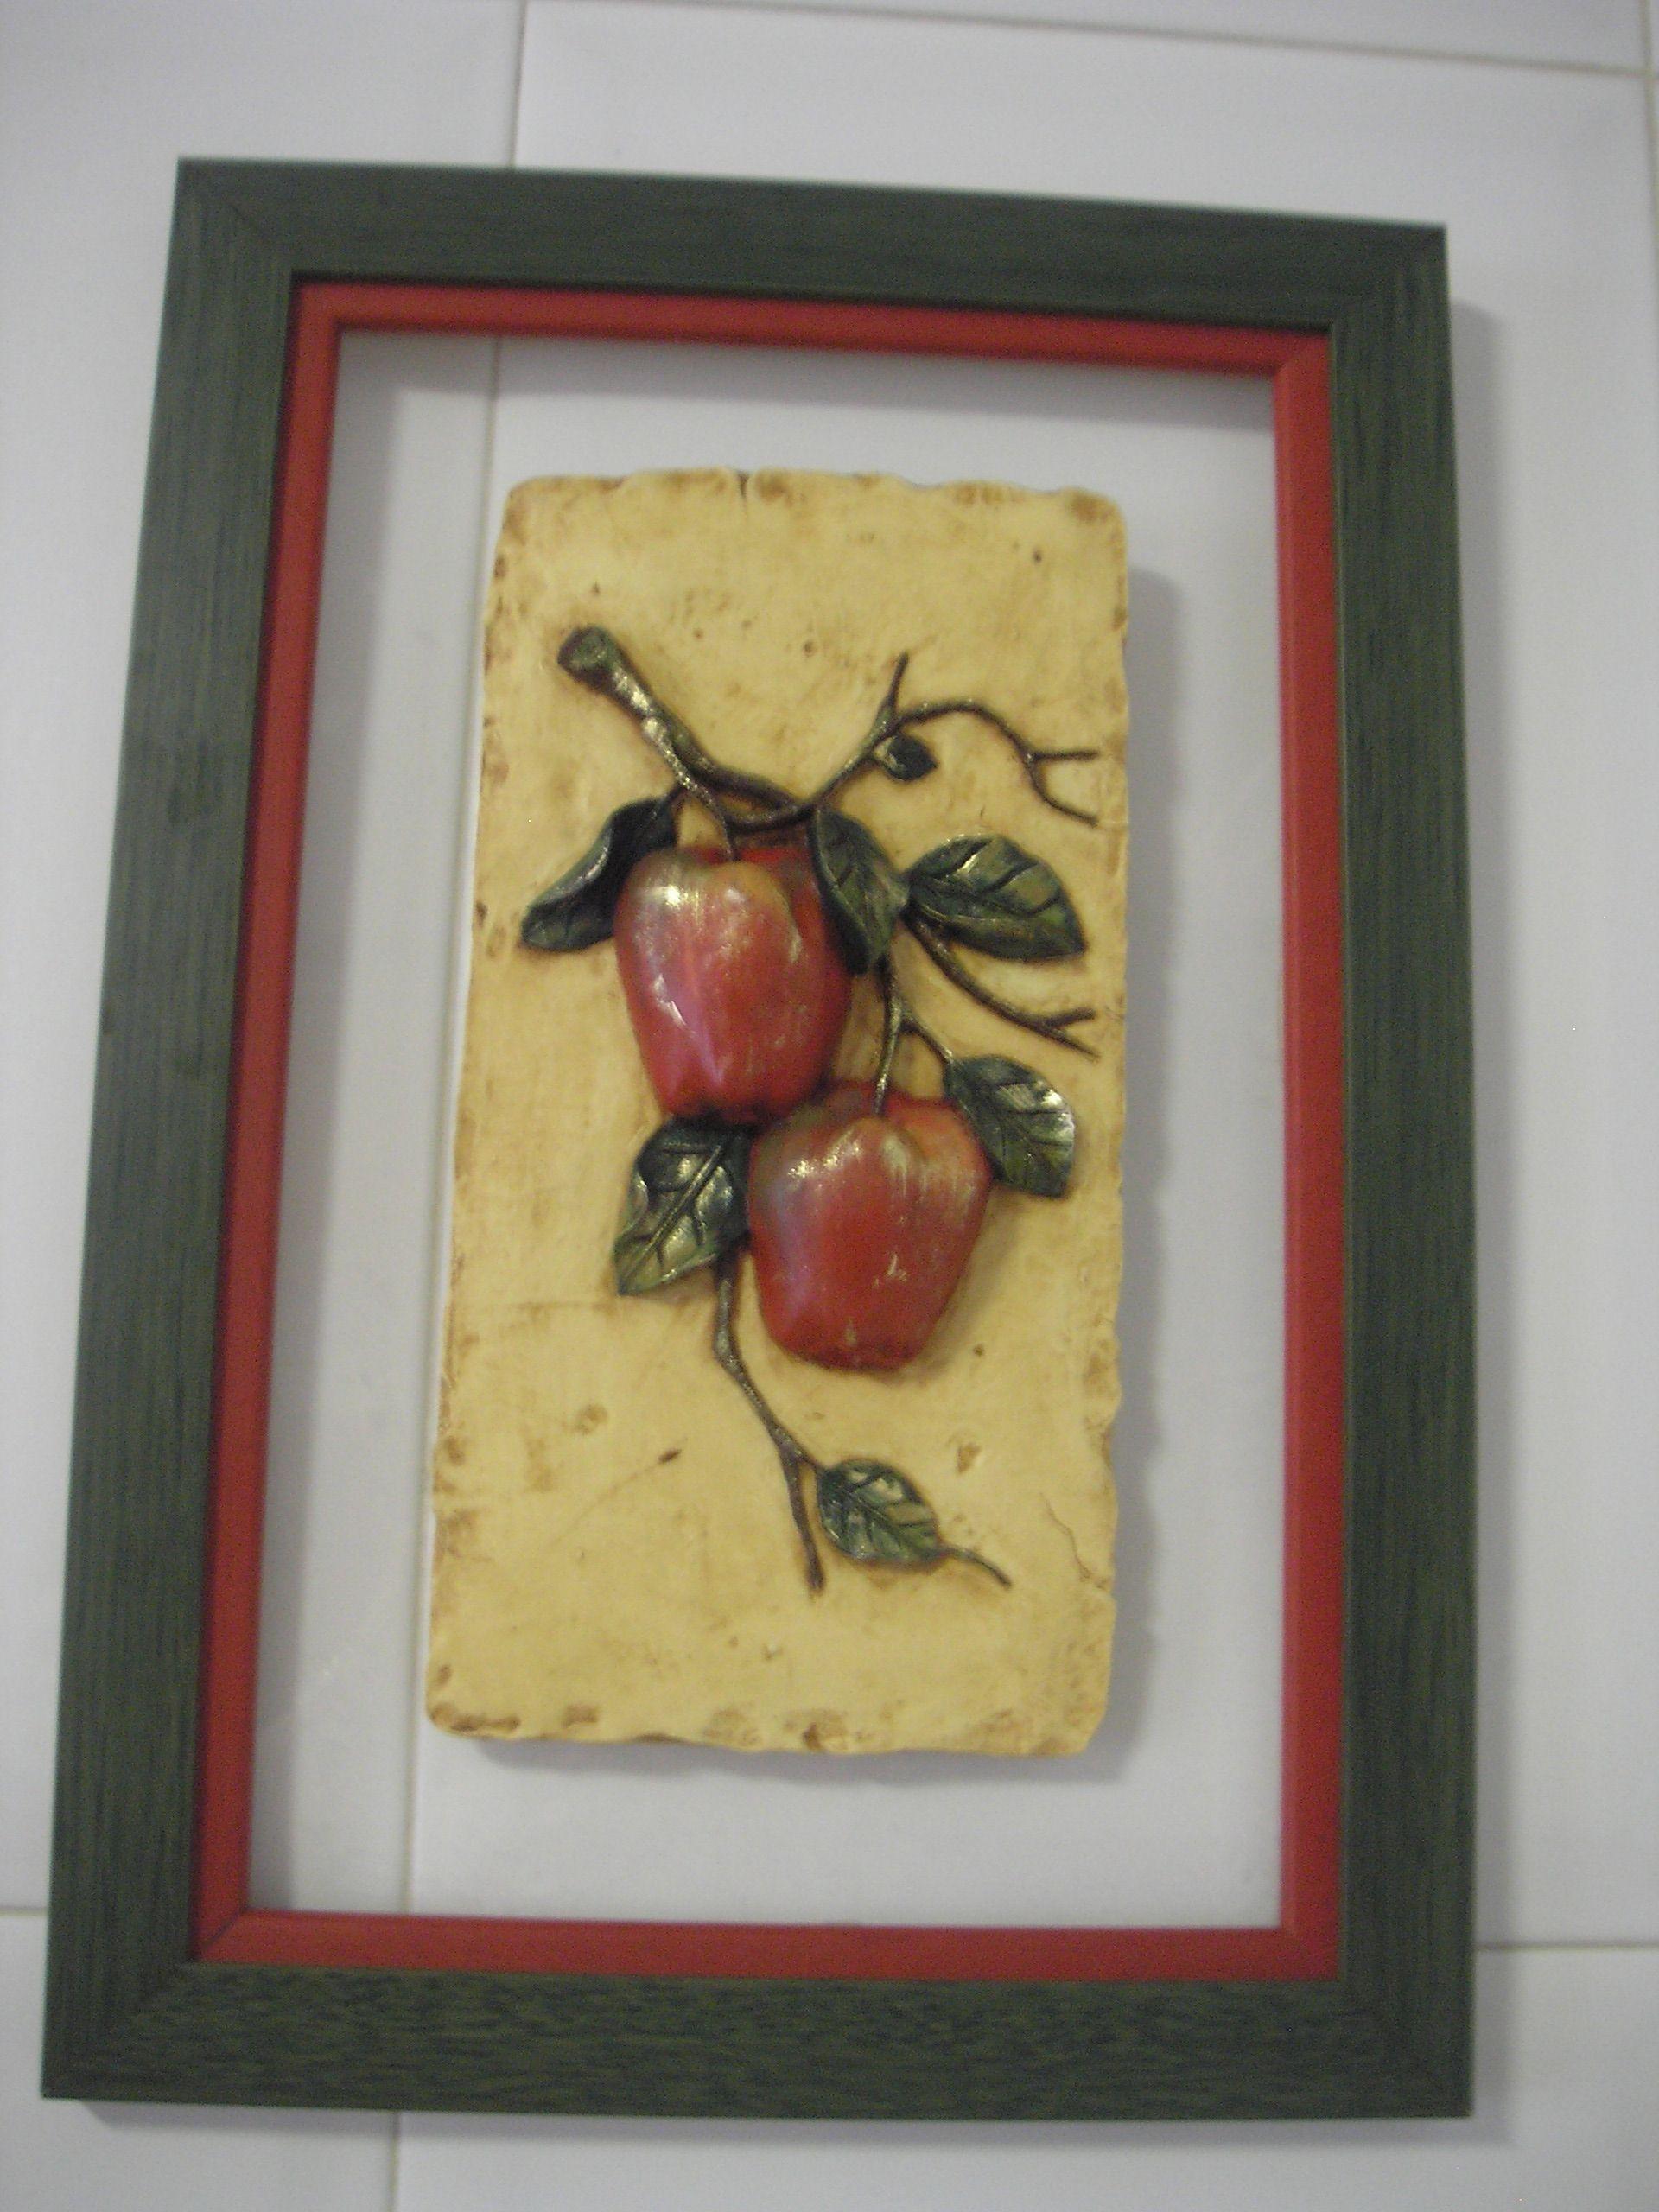 Cuadro hecho con placa de marmolina de motivos frutales, ideal para la cocina